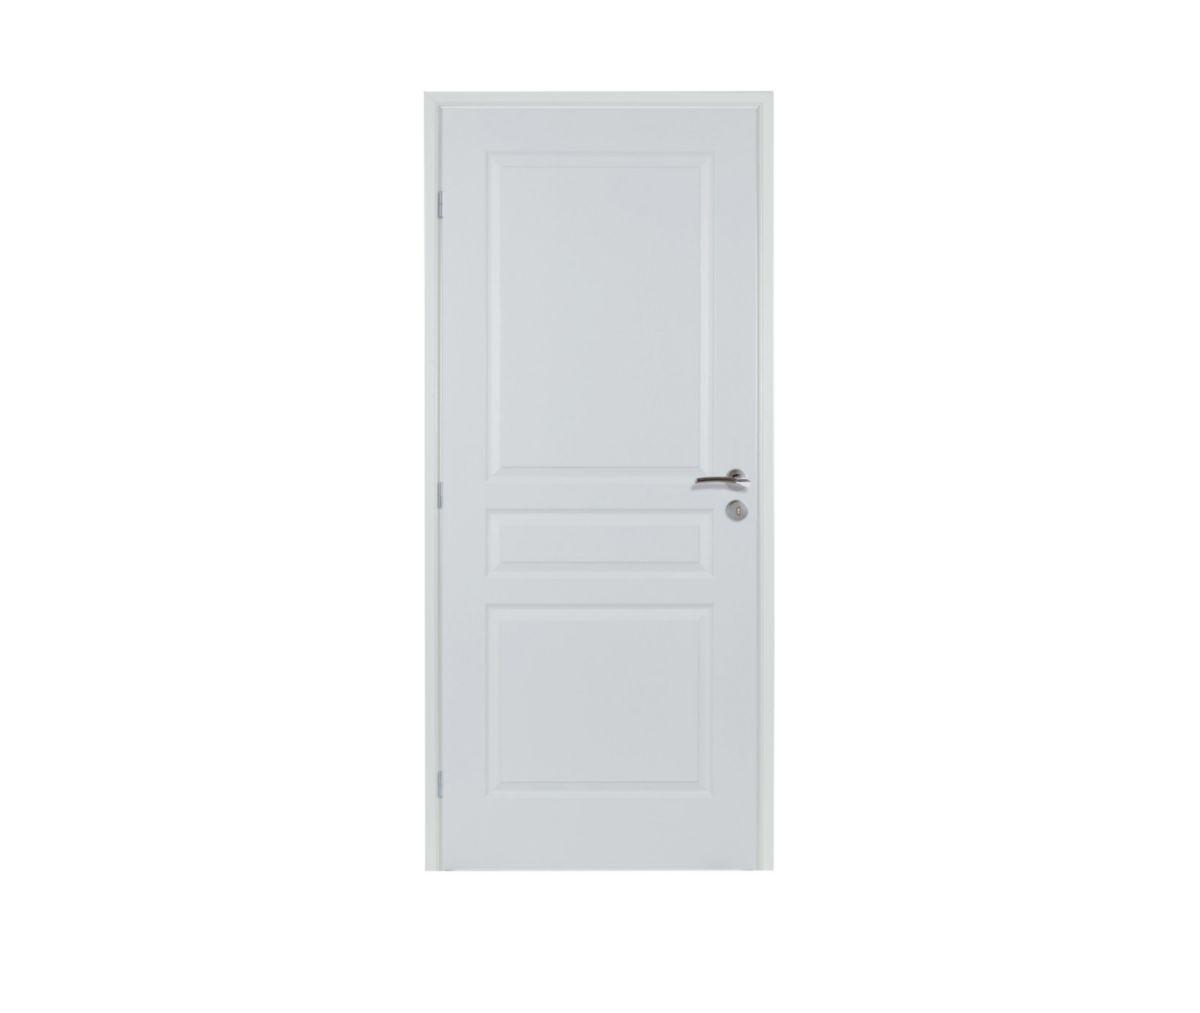 bloc porte design alvéolaire 110 td 3 panneaux prépeint